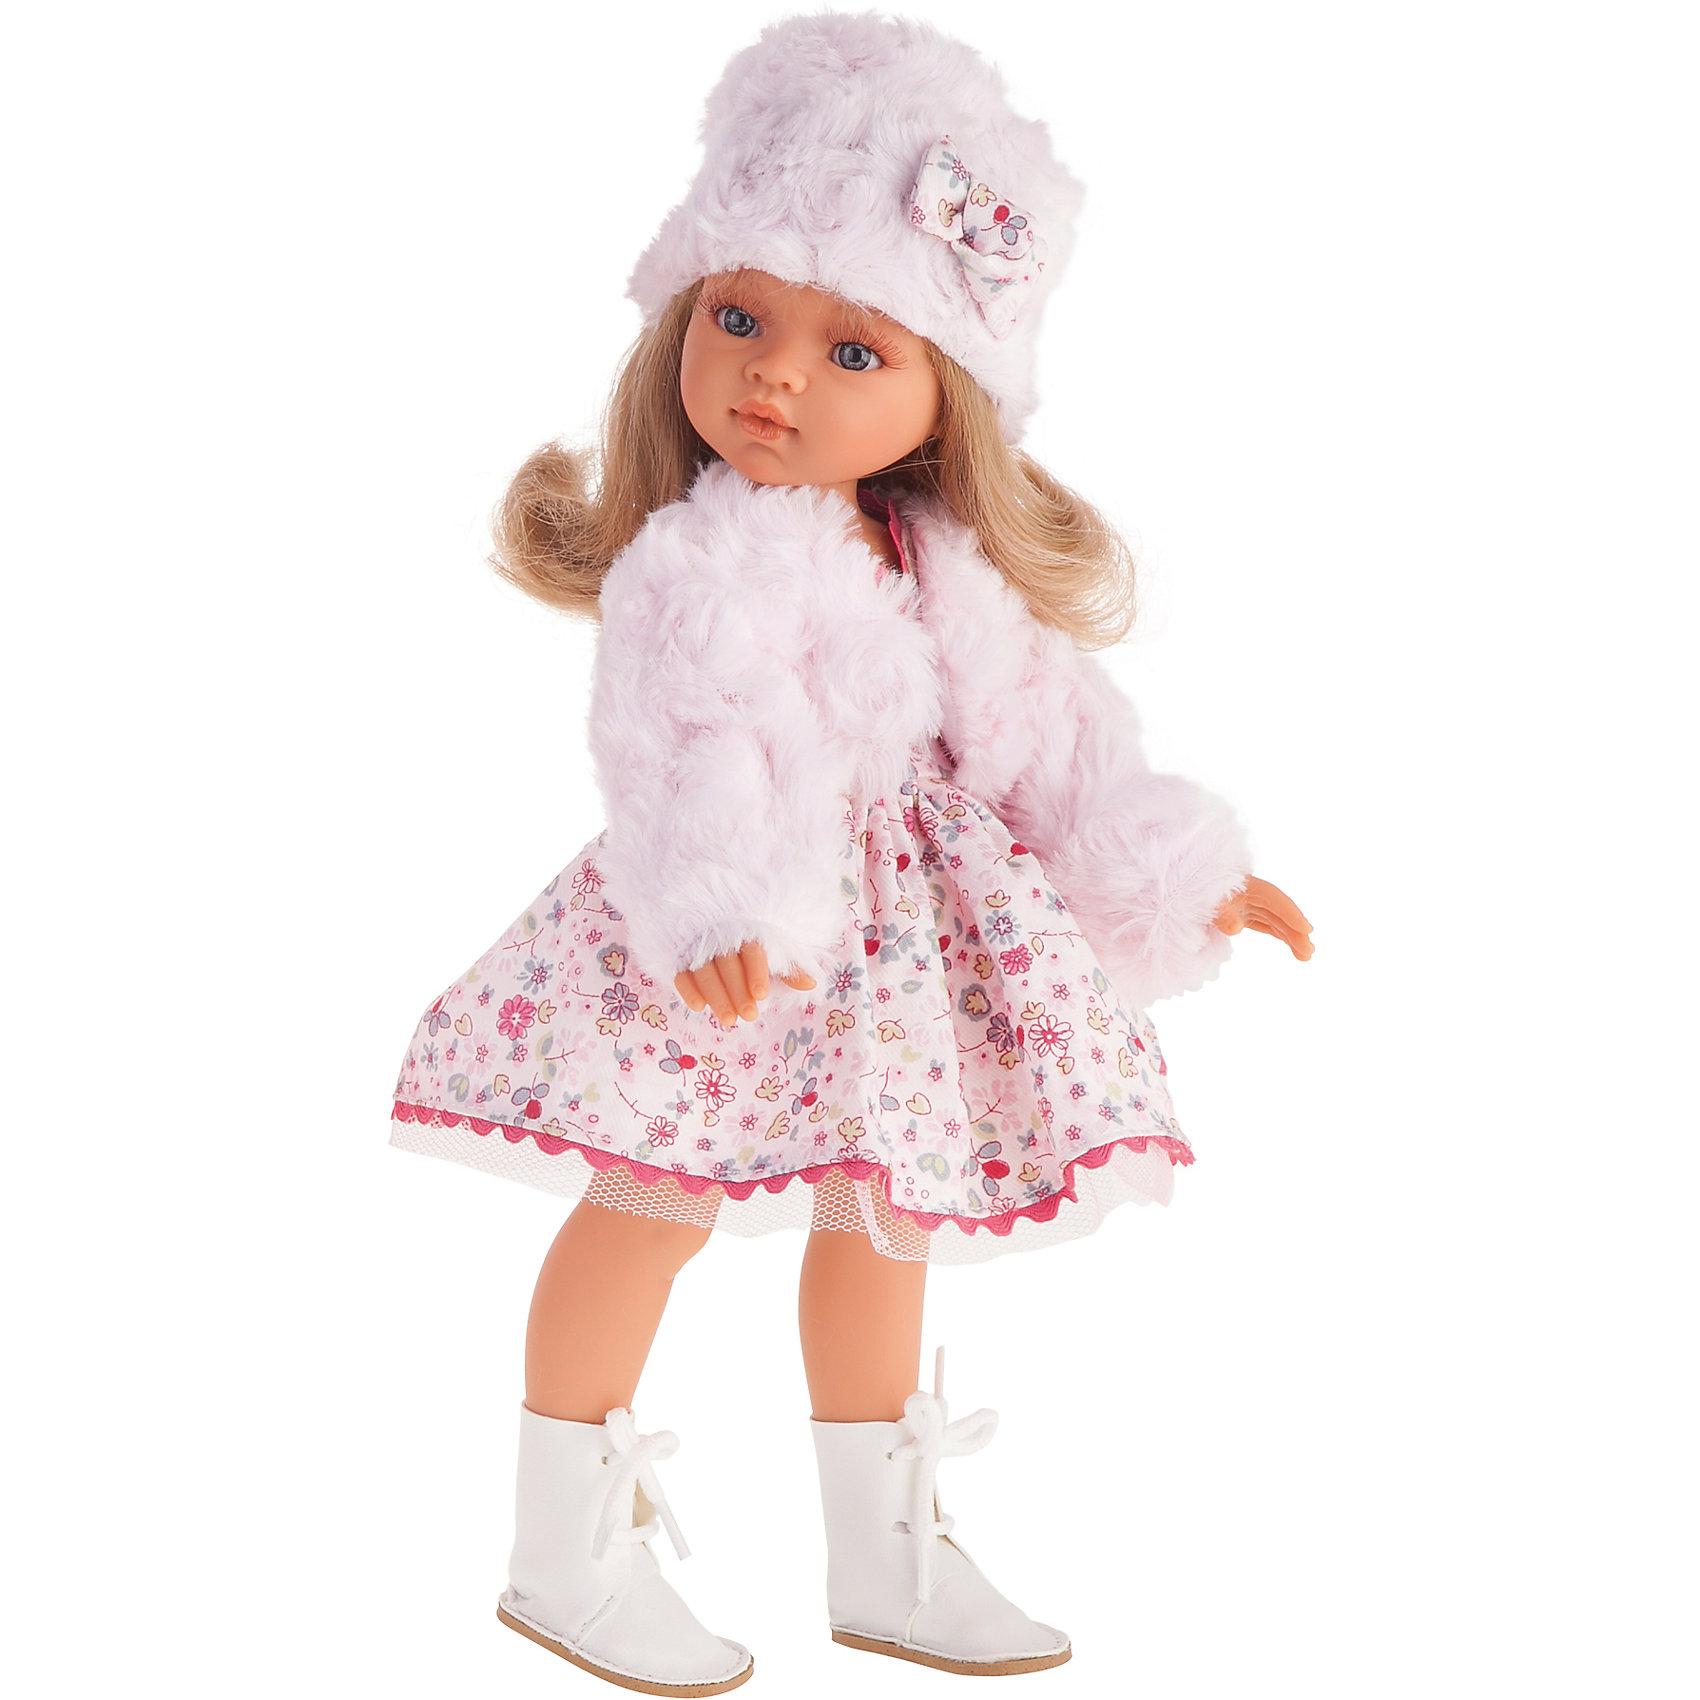 Кукла Эмили. Зимний образ, 33 см, Munecas Antonio JuanКлассические куклы<br>Кукла Эмили. Зимний образ, 33 см, Munecas Antonio Juan (Мунекас Антонио Хуан).<br><br>Характеристики:<br><br>- Материал: винил, текстиль<br>- Высота куклы: 33 см.<br>- Глаза не закрываются<br>- Упаковка: яркая подарочная коробка<br><br>Кукла Эмили от испанского производителя Мунекас Антонио Хуан выглядит как настоящая девочка, а ее трогательный внешний вид вызывает только самые положительные и добрые эмоции. Эта чудесная милая малышка станет любимицей Вашей девочки и будет воспитывать в ней доброту, внимание и заботу. У куклы очаровательное детское лицо, выполненное с тщательной прорисовкой деталей. Выразительные глаза обрамлены длинными ресницами. Ее густые шелковистые волосы легко расчесывать и делать различные прически. Чудесный наряд куклы создан испанским дизайнером. Кукла одета в нежно-розовое платьице в цветочек с пышной юбочкой, комплект из меховой курточки и шапочки, а на ножках – красивые белые сапожки с цветочком. У куклы подвижны руки, ноги и голова. Она изготовлена из высококачественного винила с добавлением силикона. Образы кукол Мунекас разработаны известными европейскими дизайнерами. Они натуралистичны, анатомически точны.<br><br>Куклу Эмили. Зимний образ, 33 см, Munecas Antonio Juan (Мунекас Антонио Хуан) можно купить в нашем интернет-магазине.<br><br>Ширина мм: 39<br>Глубина мм: 24<br>Высота мм: 9<br>Вес г: 700<br>Возраст от месяцев: 36<br>Возраст до месяцев: 2147483647<br>Пол: Женский<br>Возраст: Детский<br>SKU: 5055413